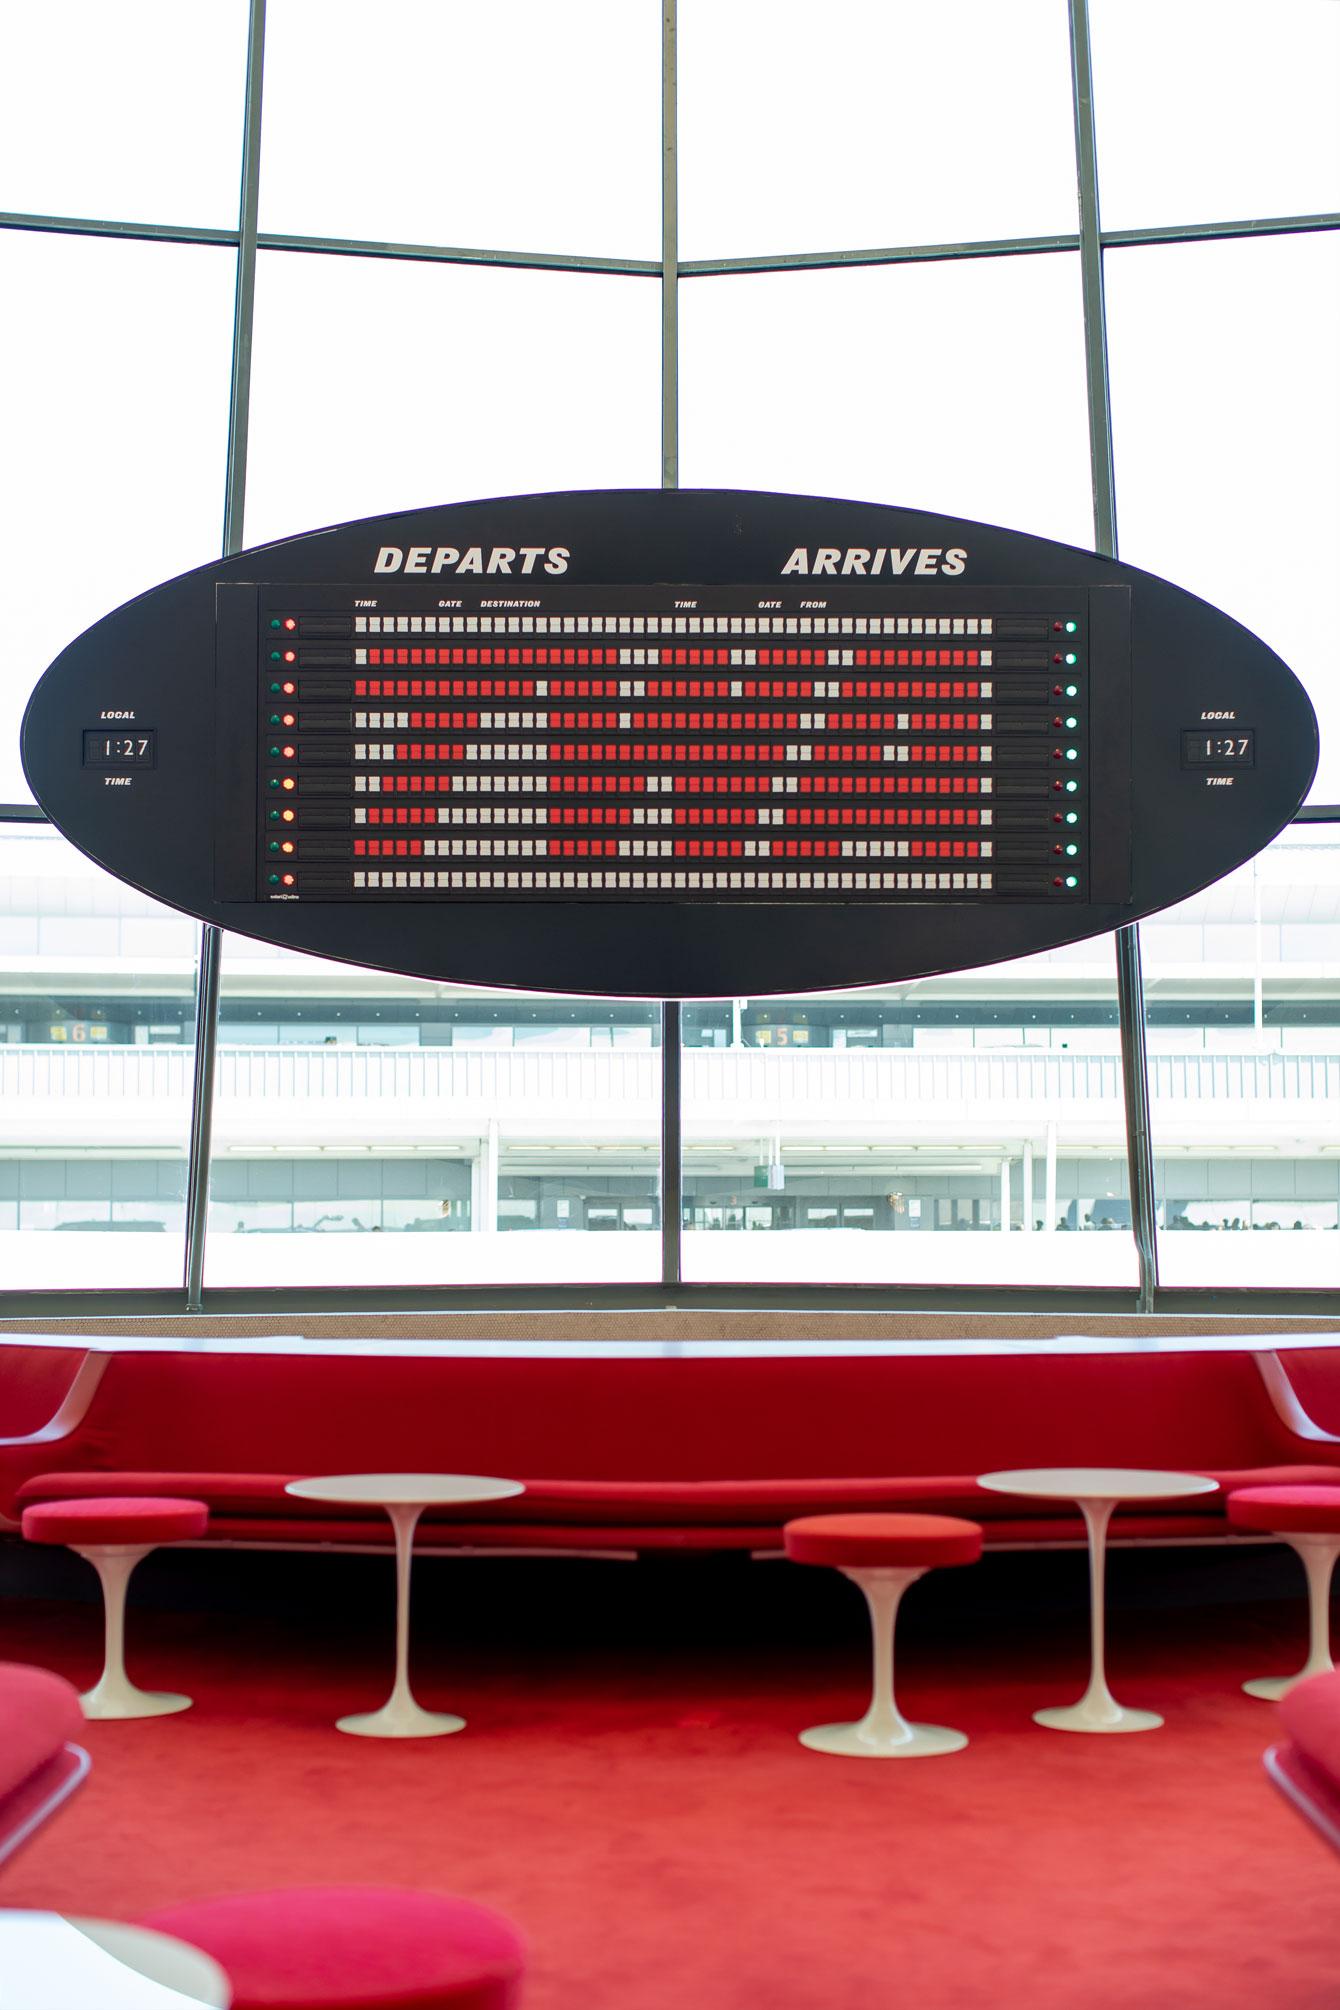 TWA Departure Board